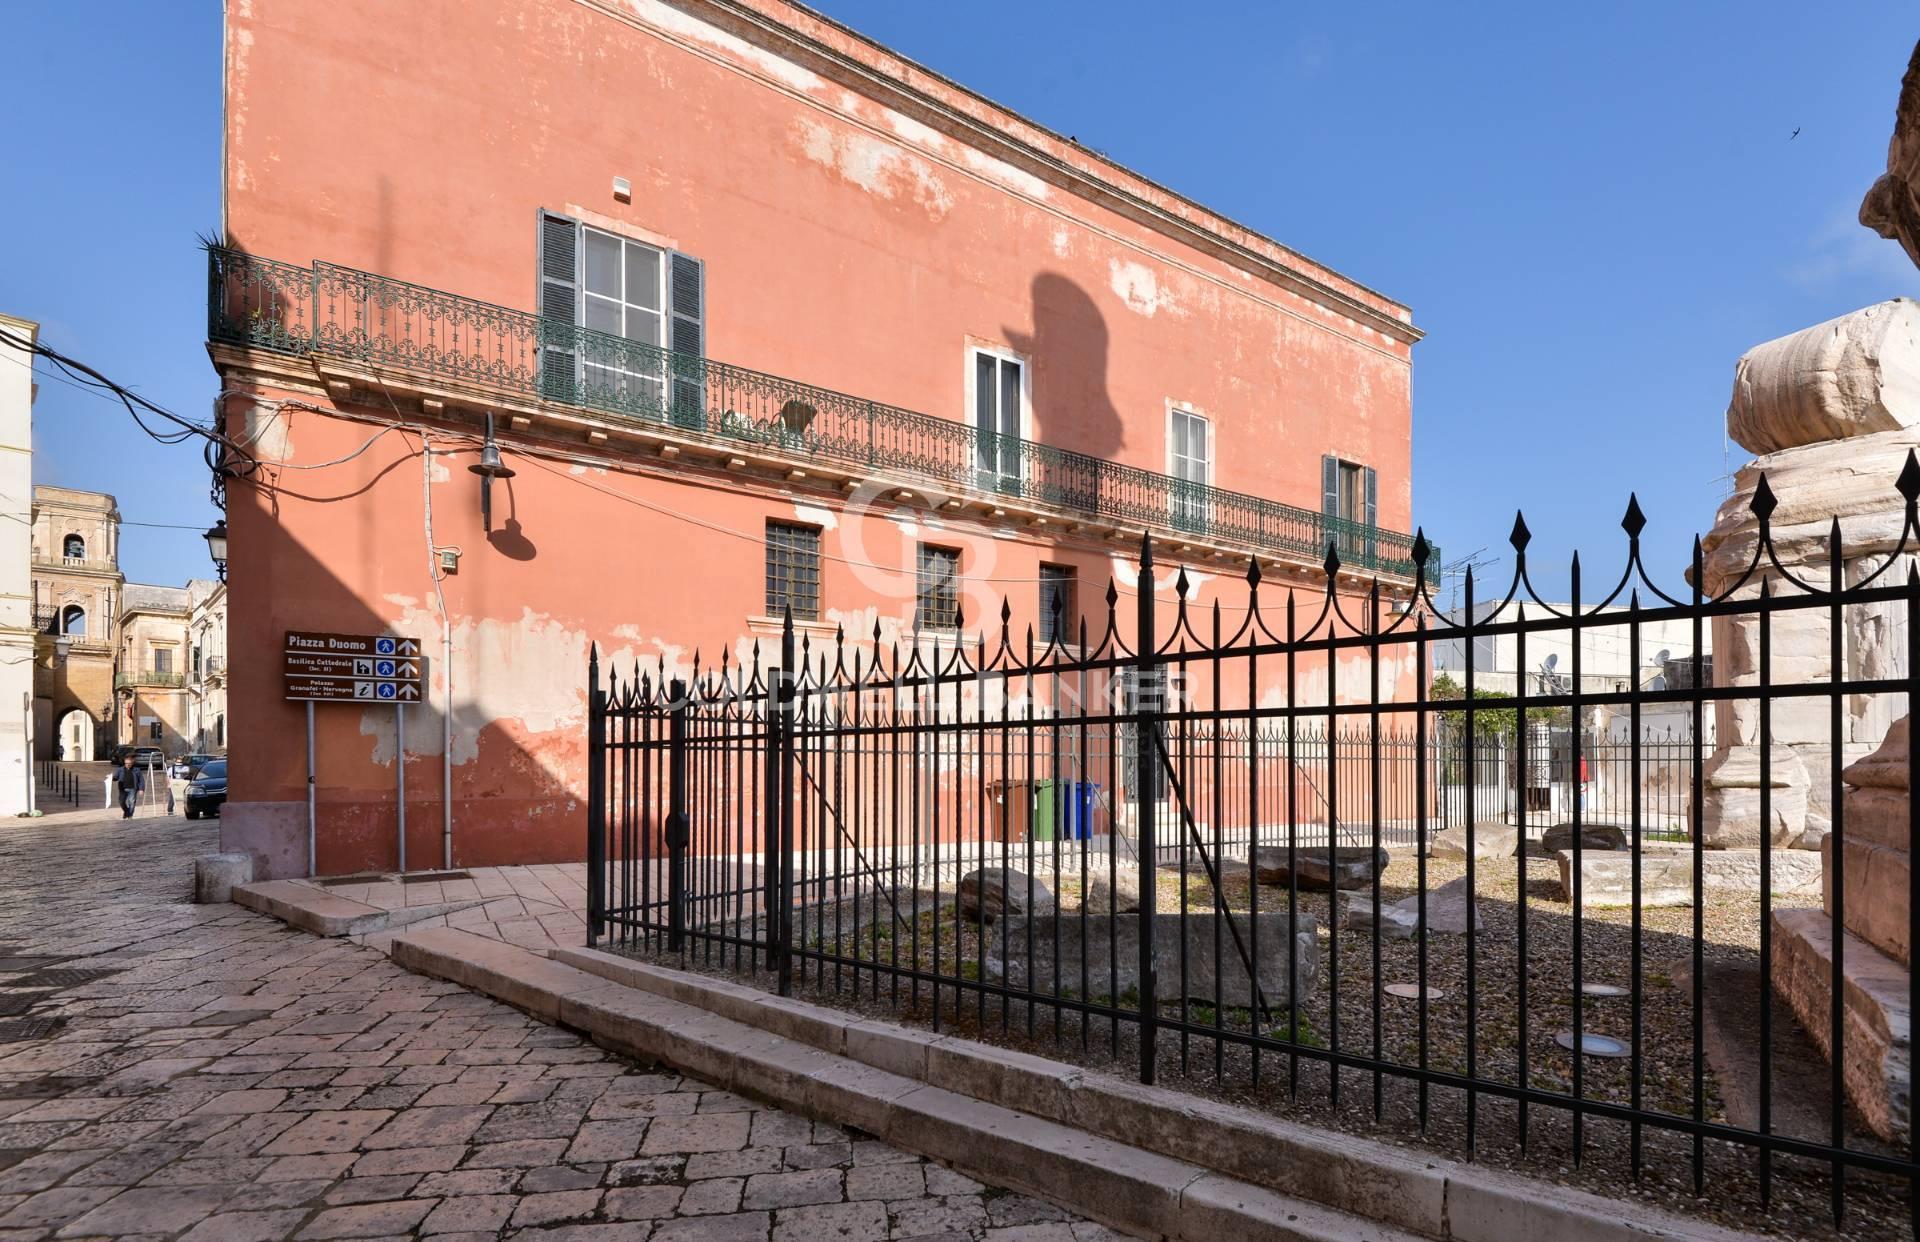 Negozio / Locale in vendita a Brindisi, 9999 locali, prezzo € 250.000 | CambioCasa.it